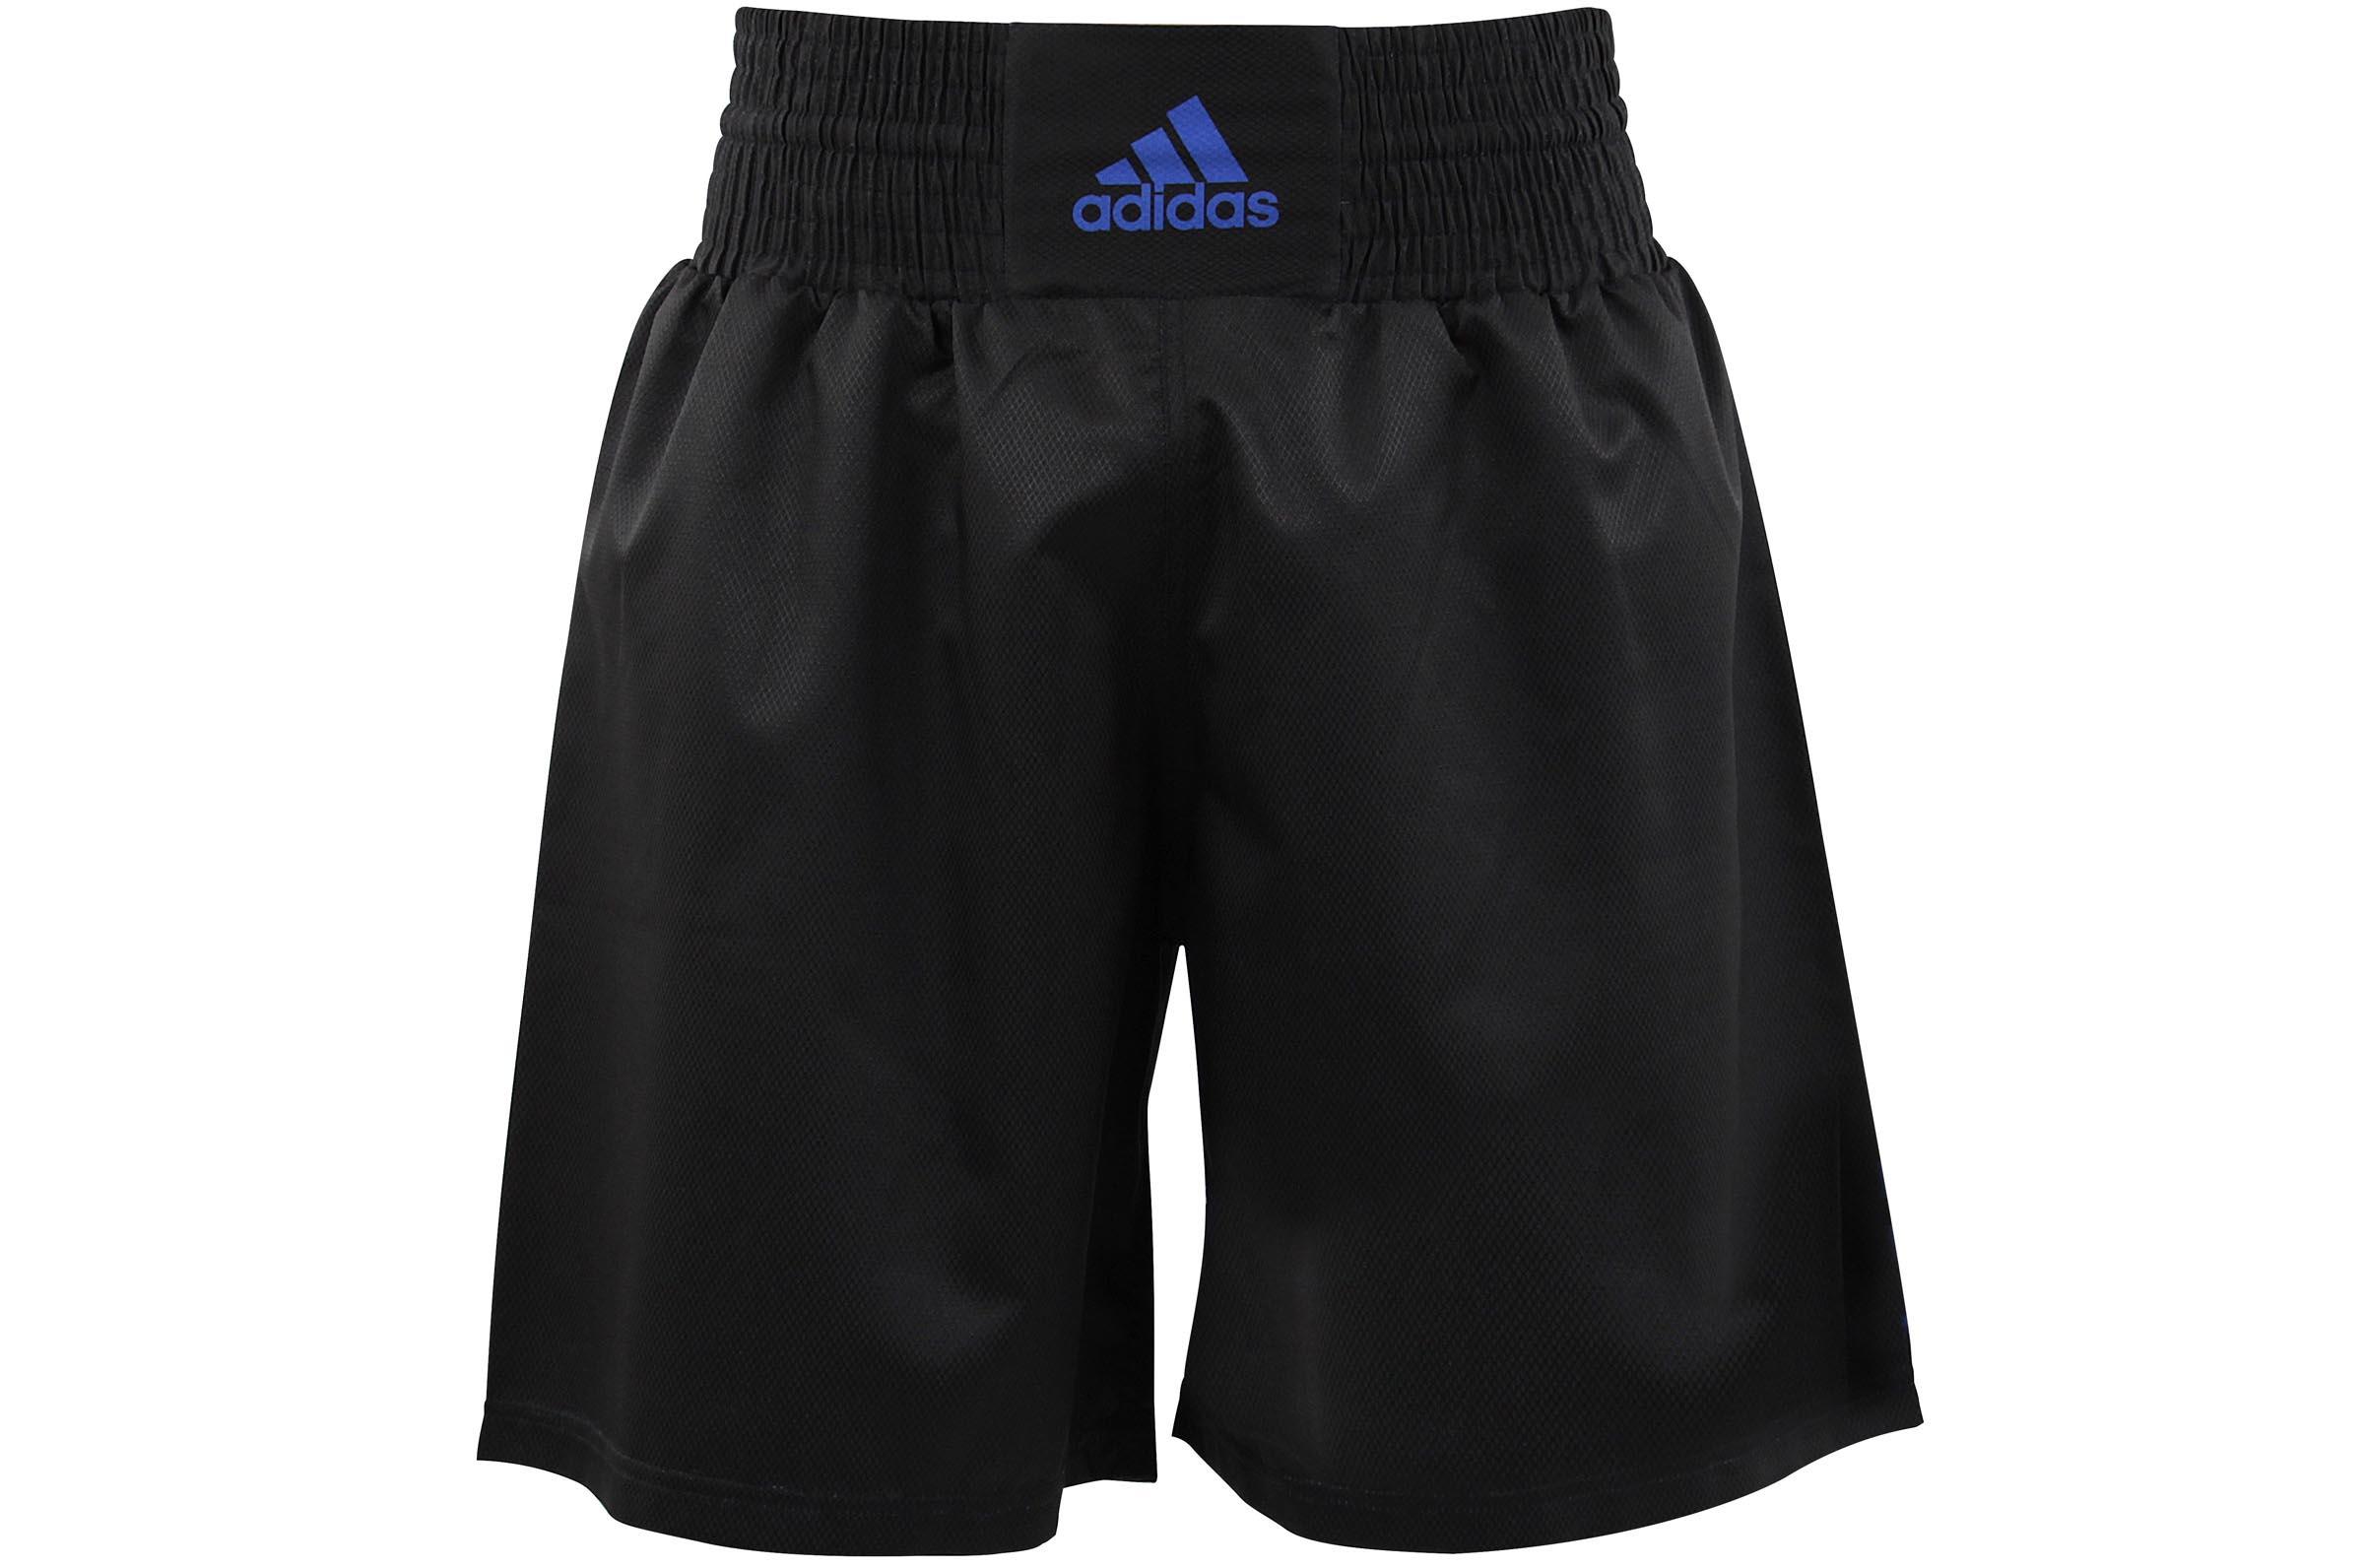 Short MultiBoxe, Adidas ADISMB02